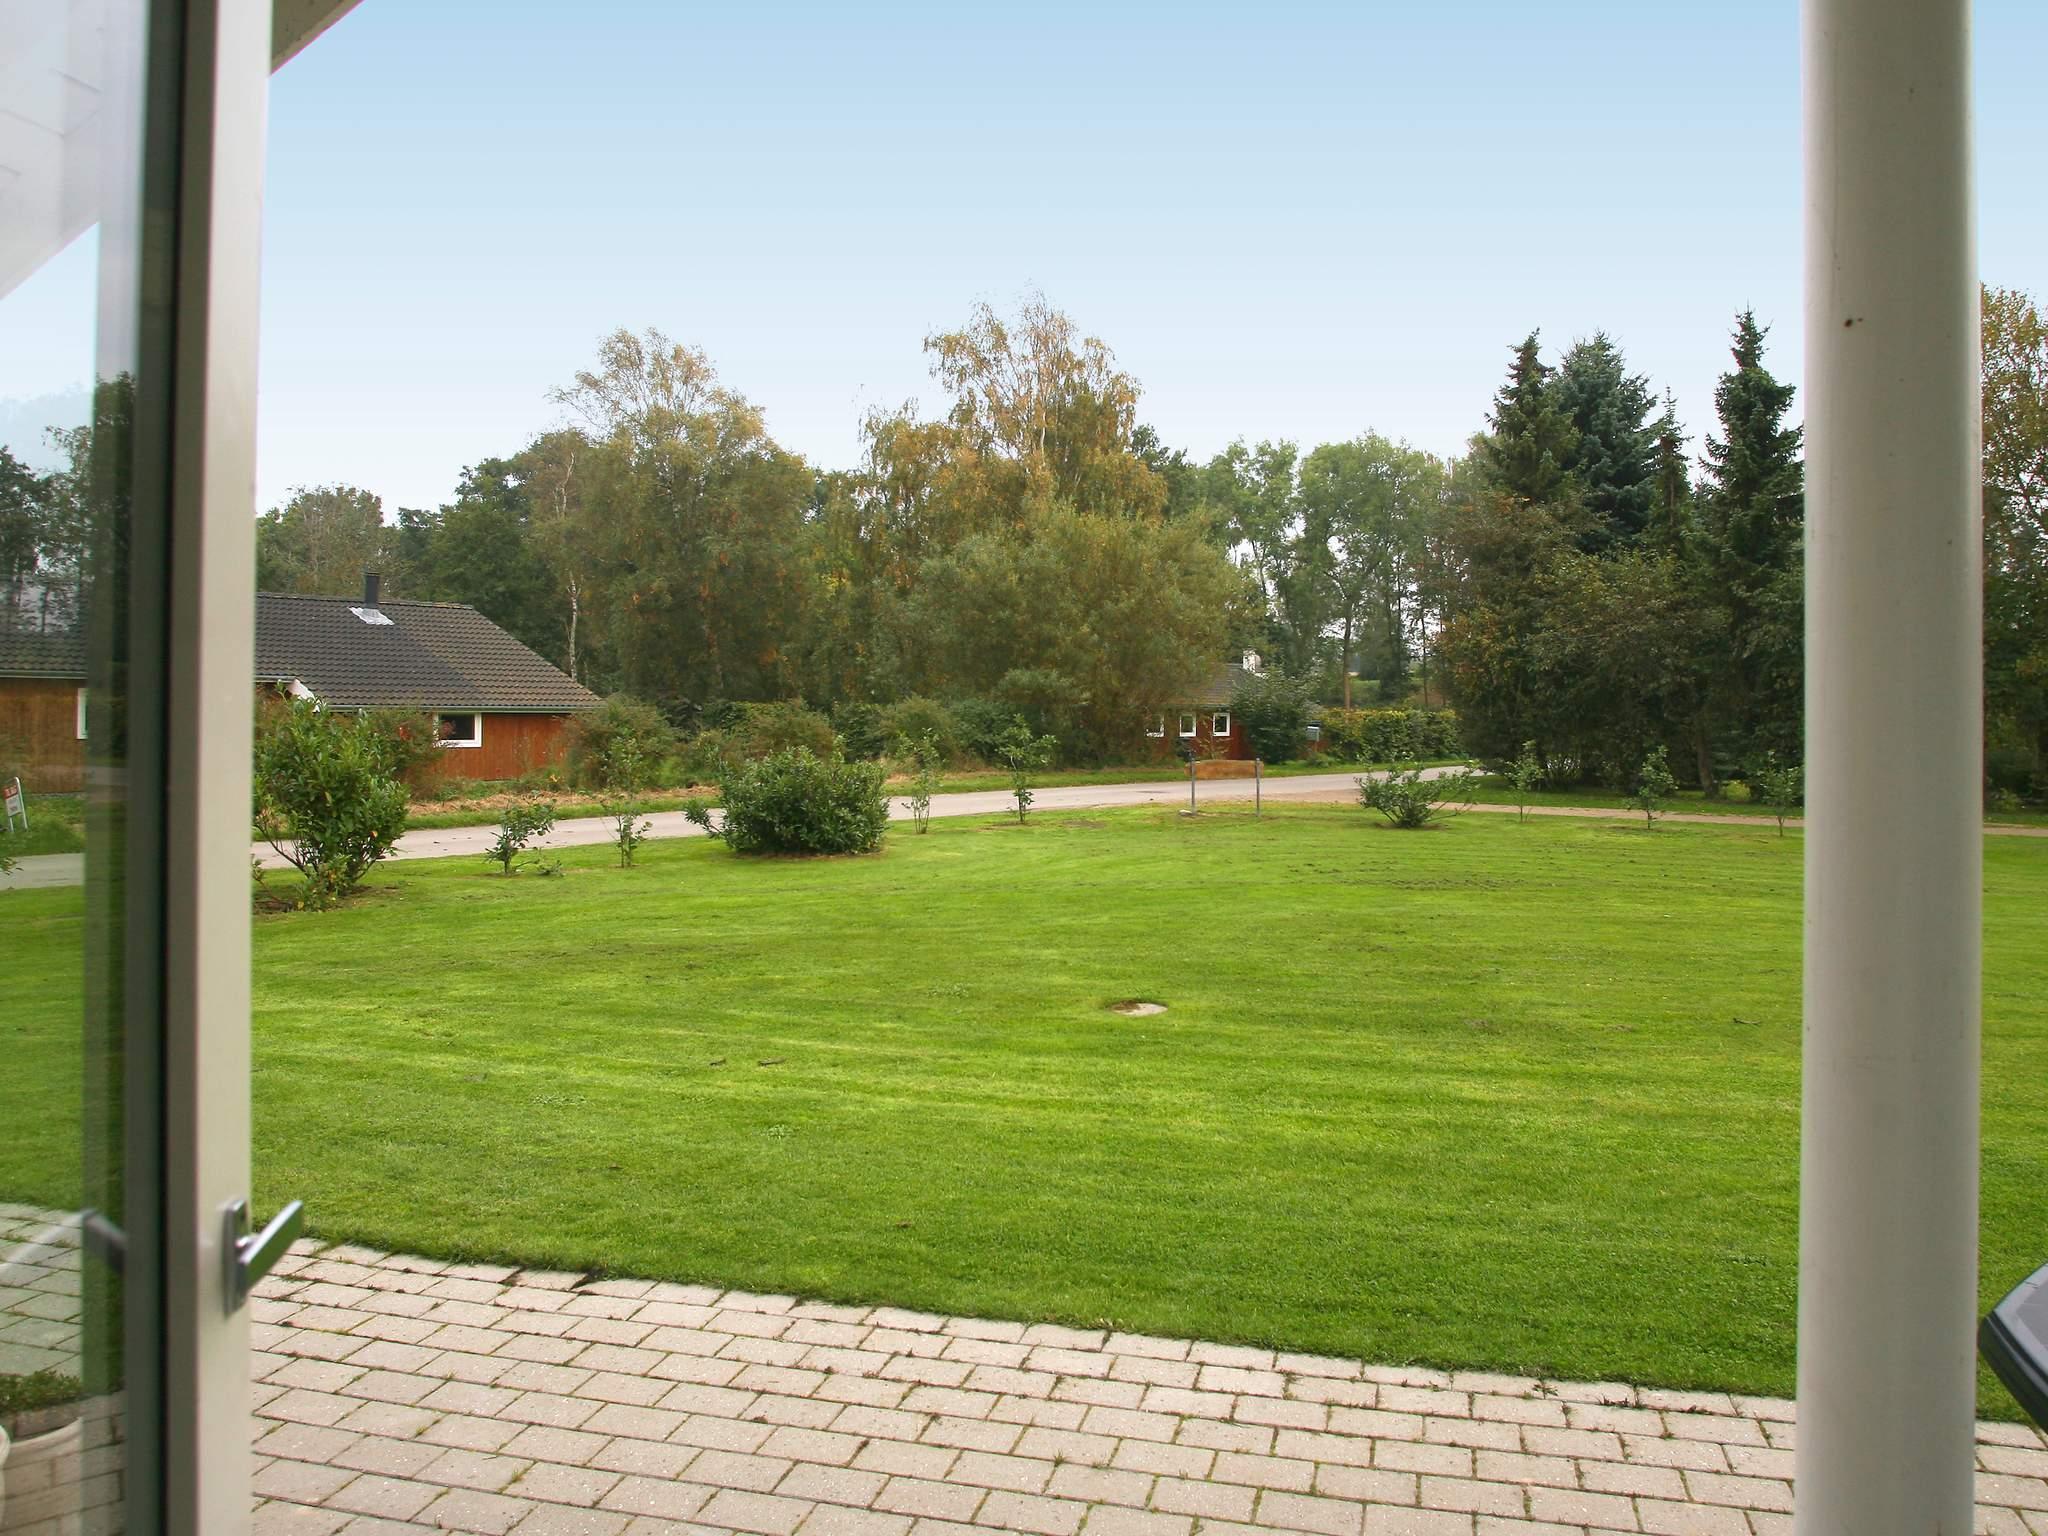 Ferienhaus Ulvshale (428757), Stege, , Møn, Dänemark, Bild 20